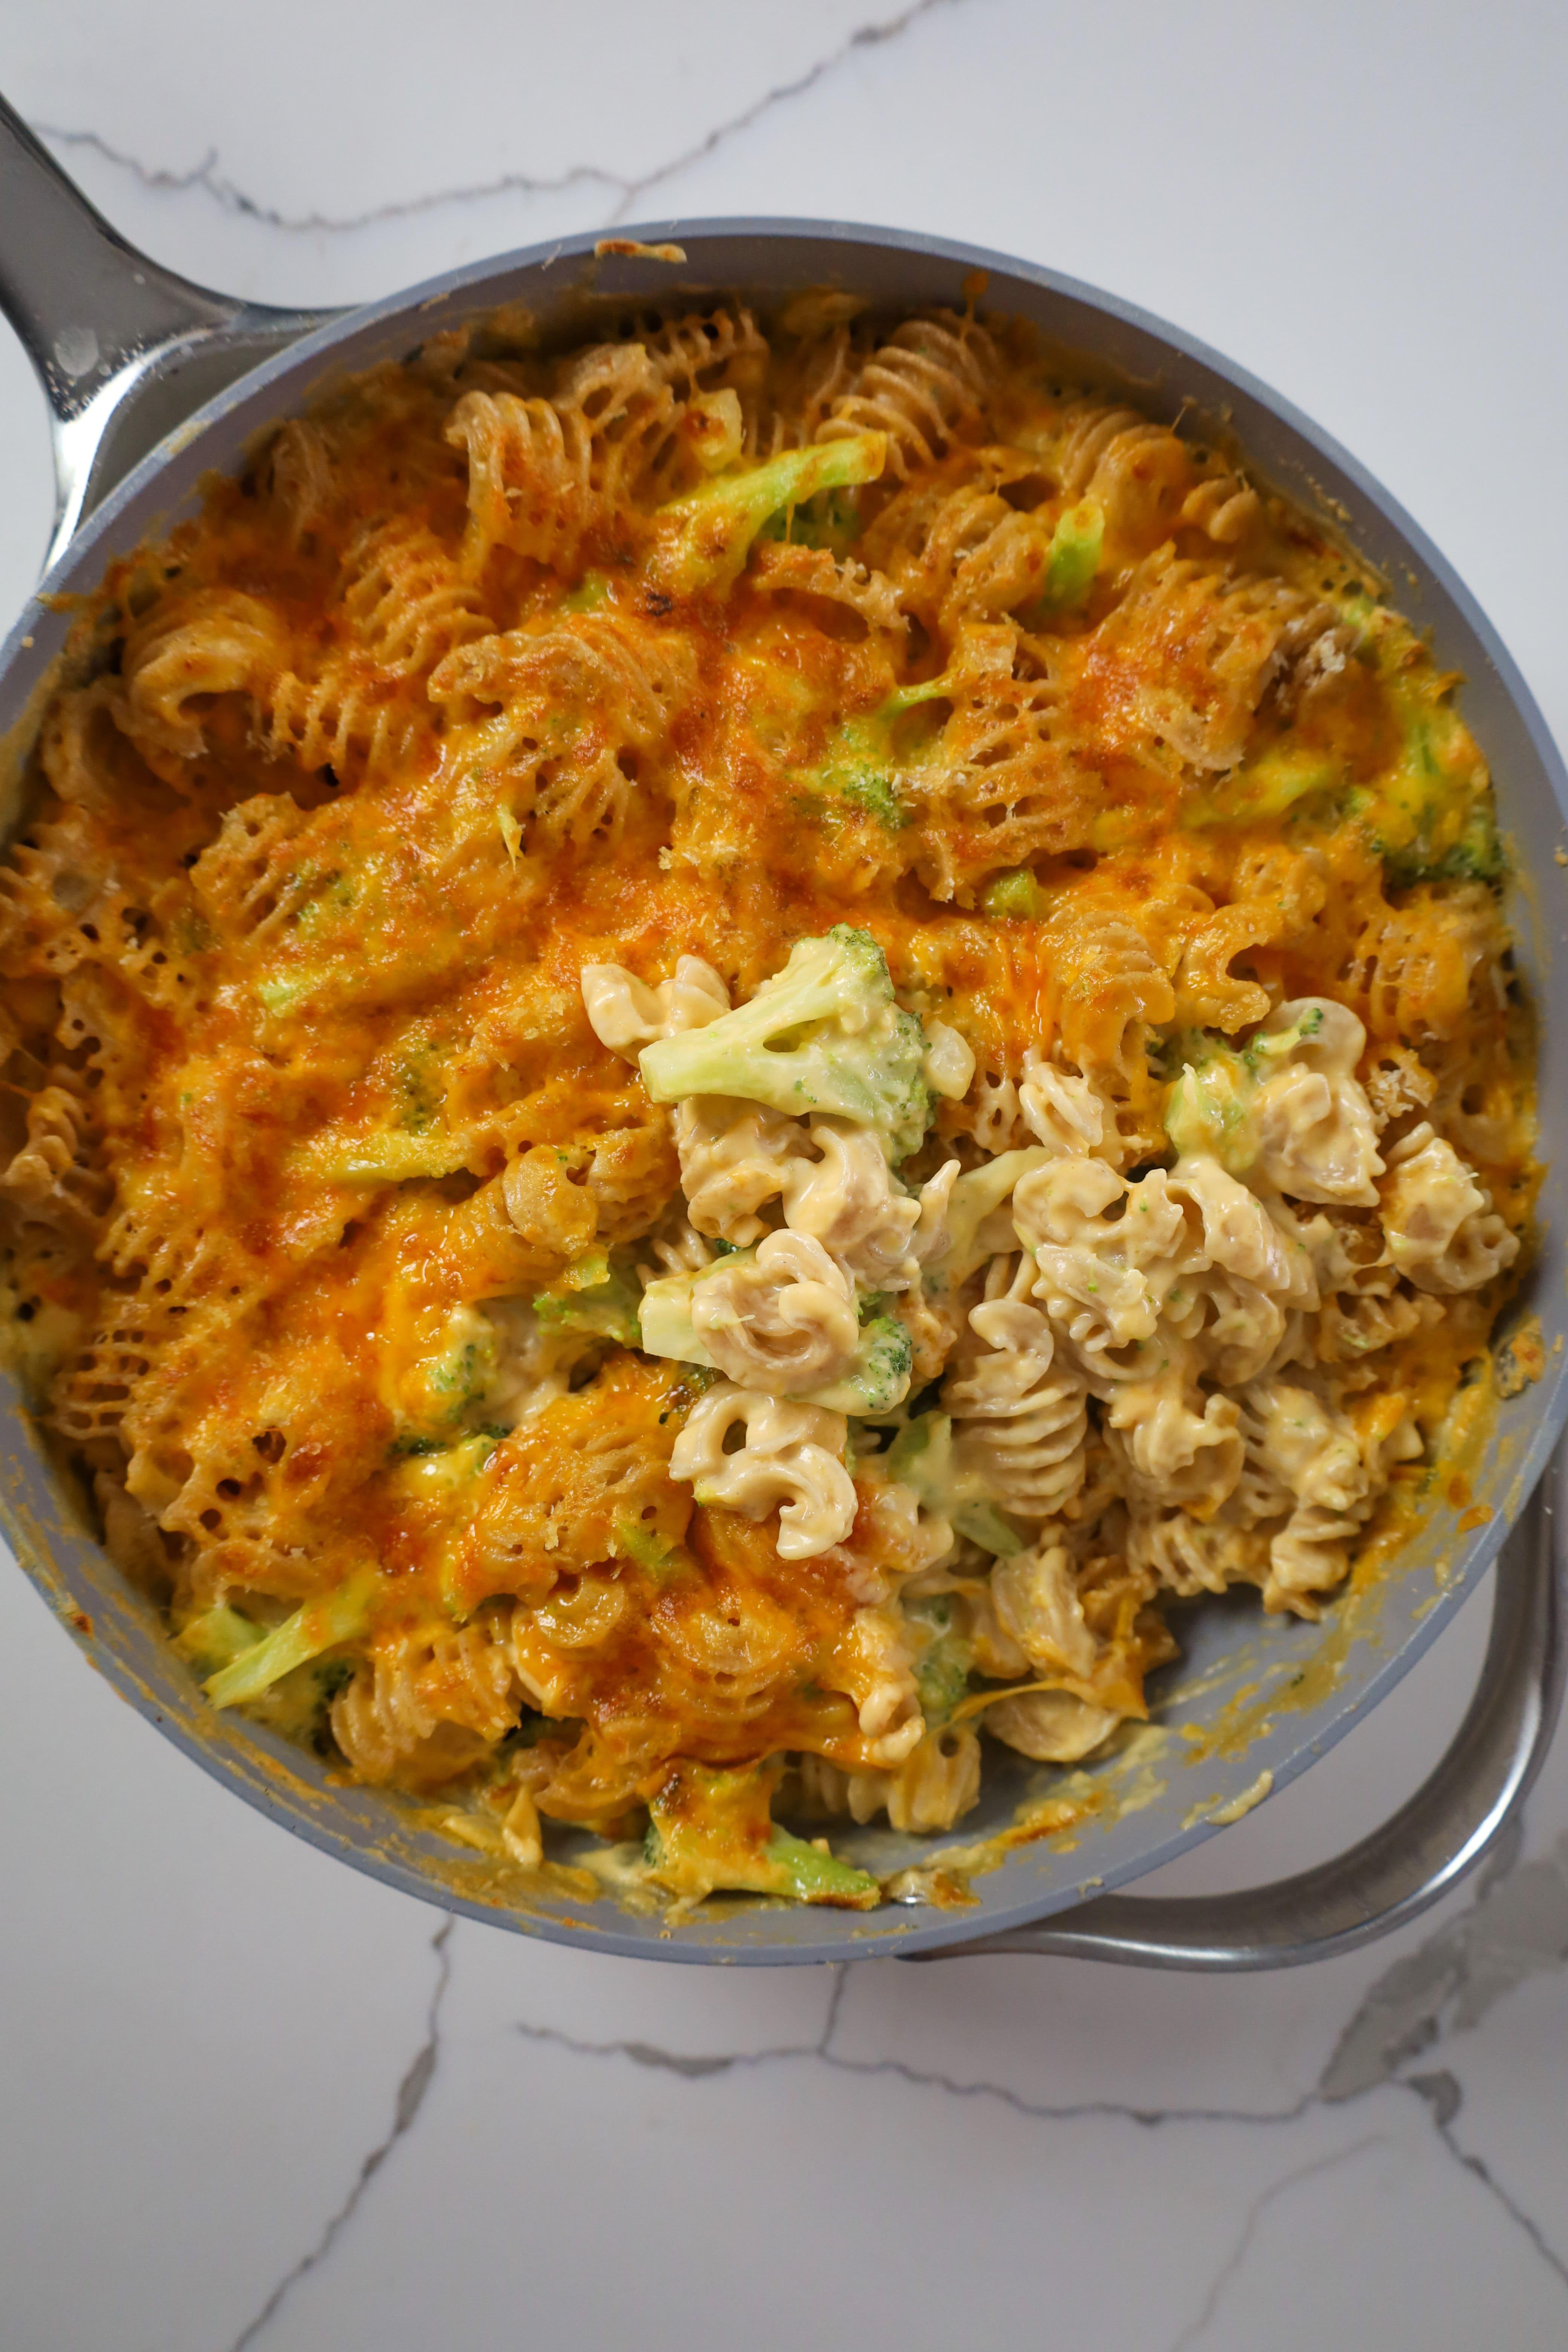 broccoli cheddar Mac n cheese